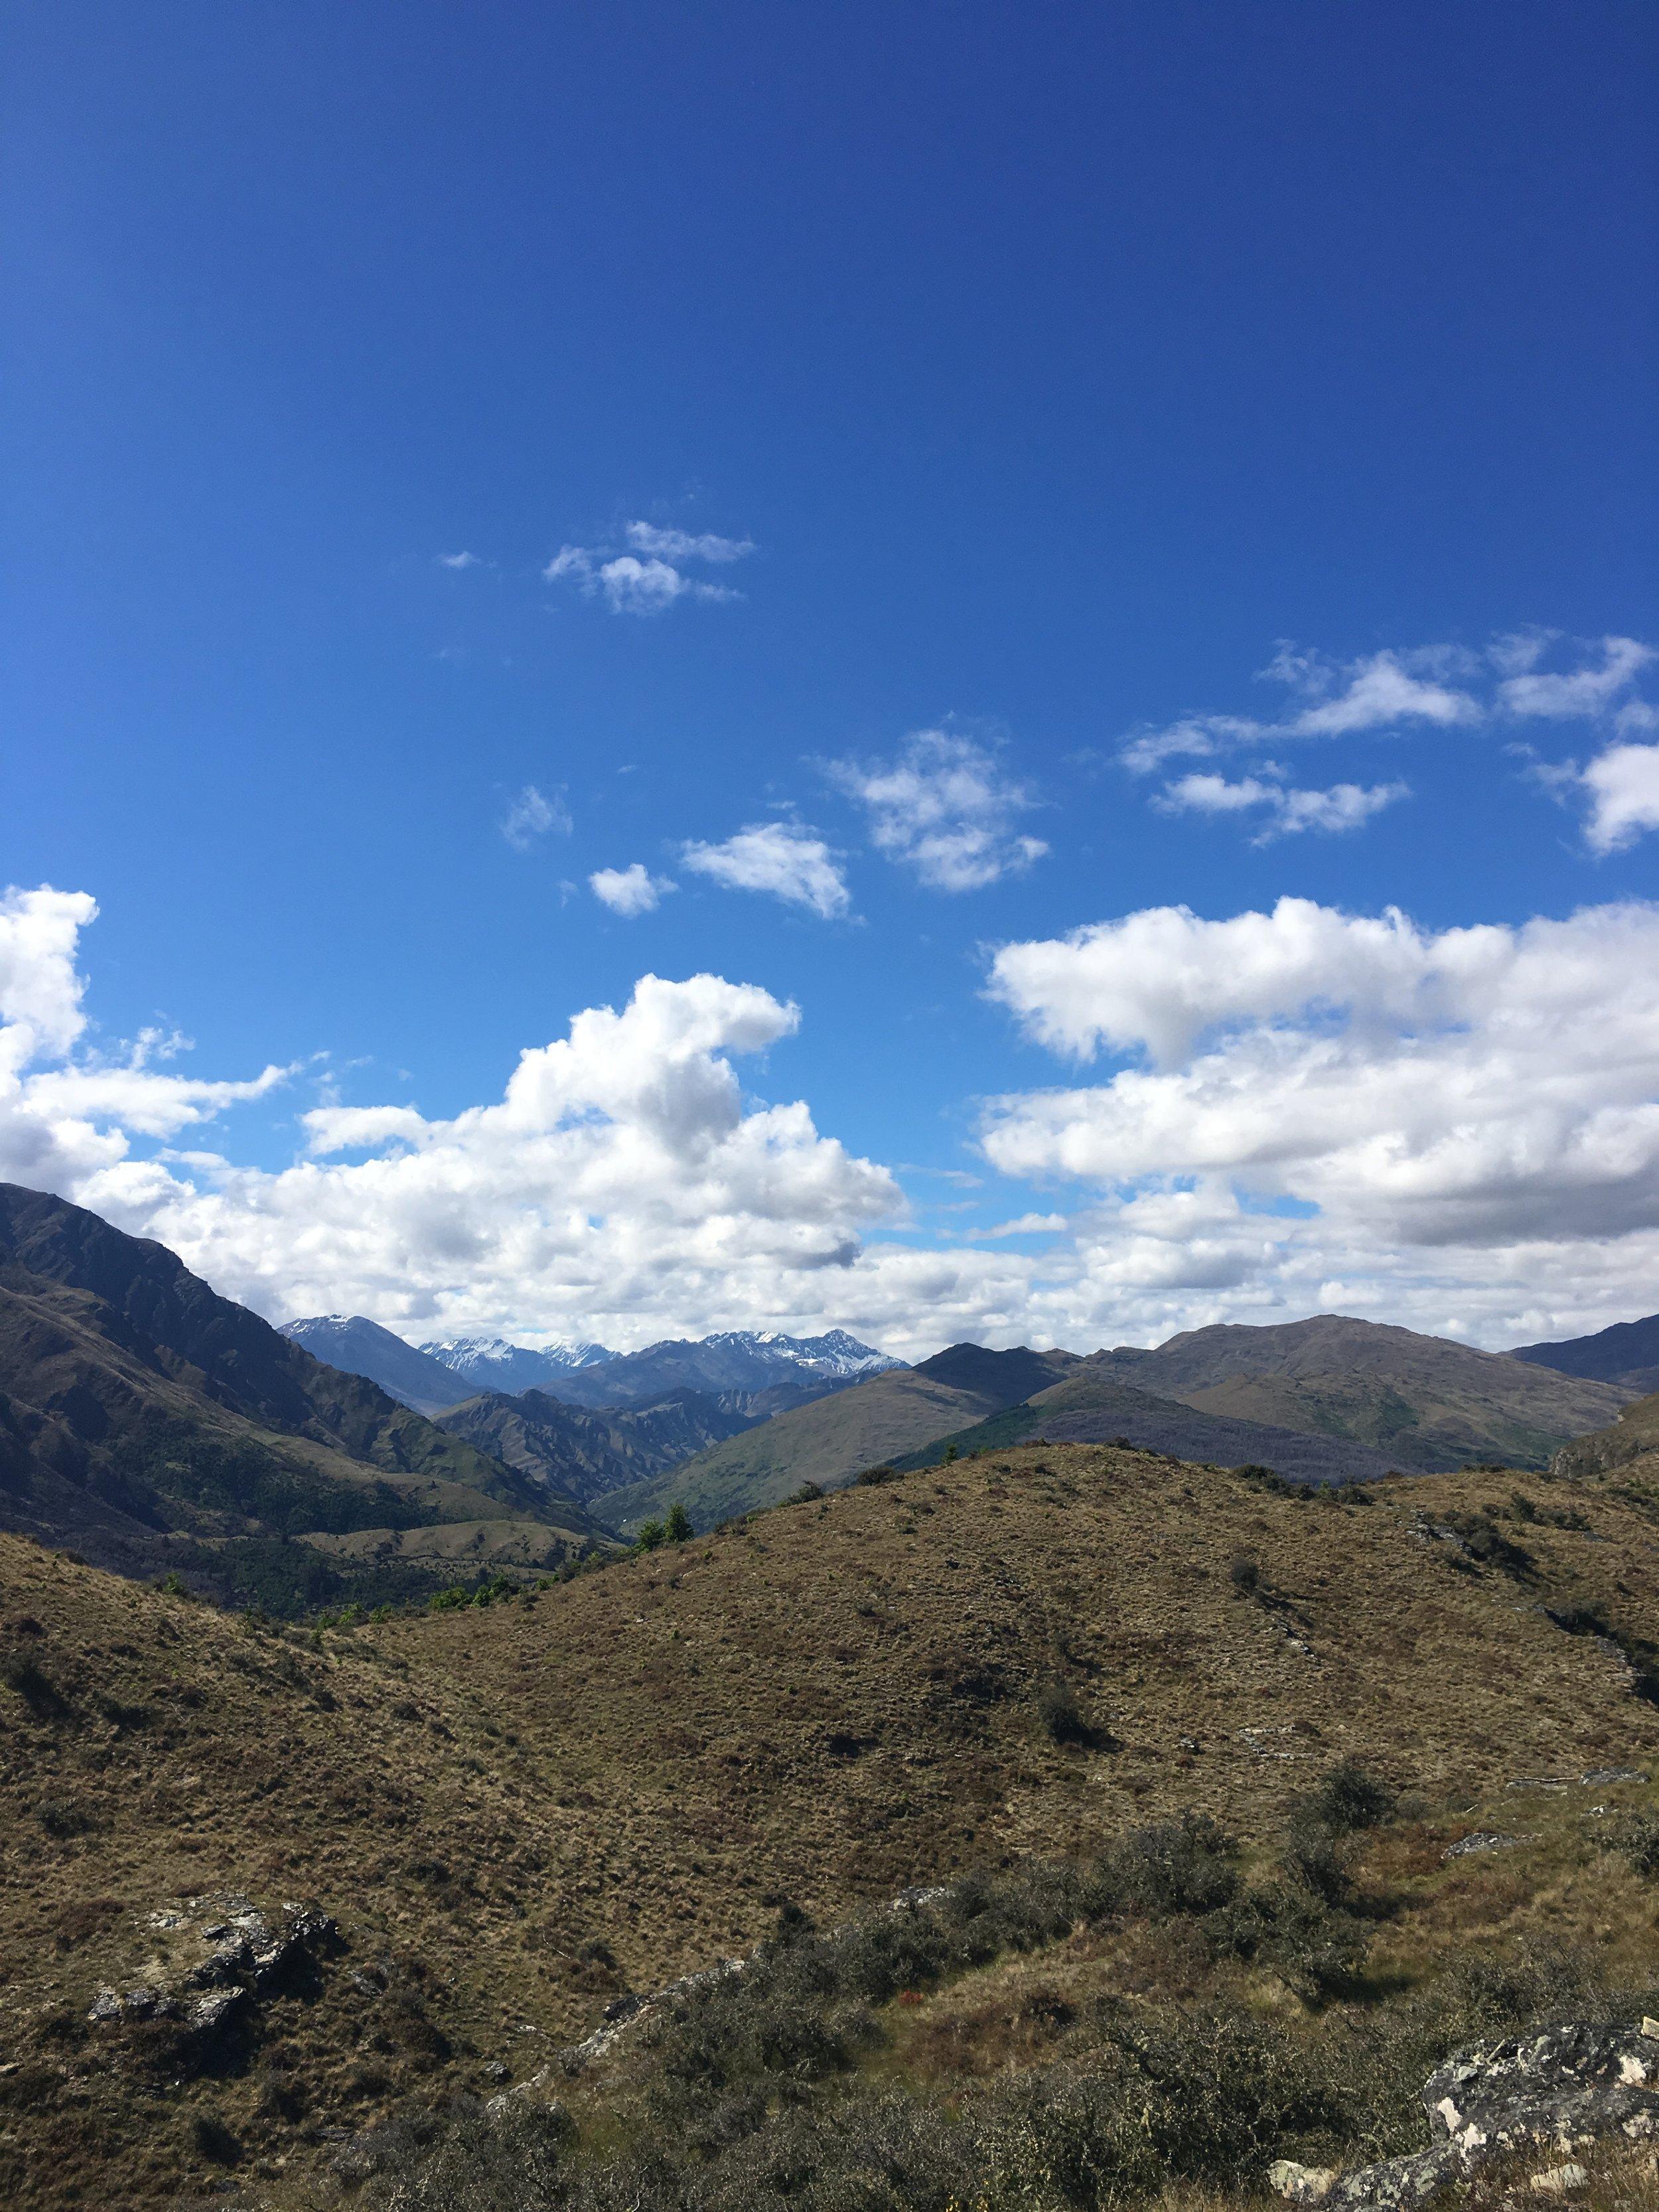 Lozidaze_NZ_Queenstown-Hill_02